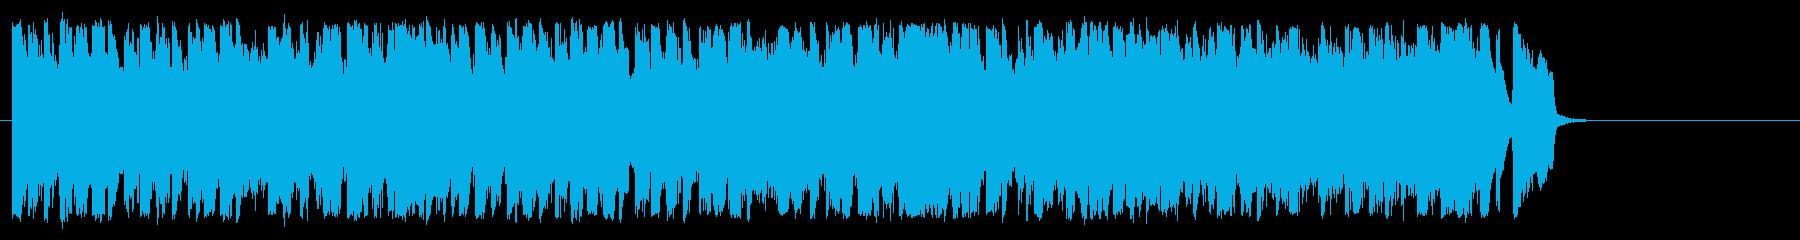 可愛くてポップ 明るいBGMの再生済みの波形